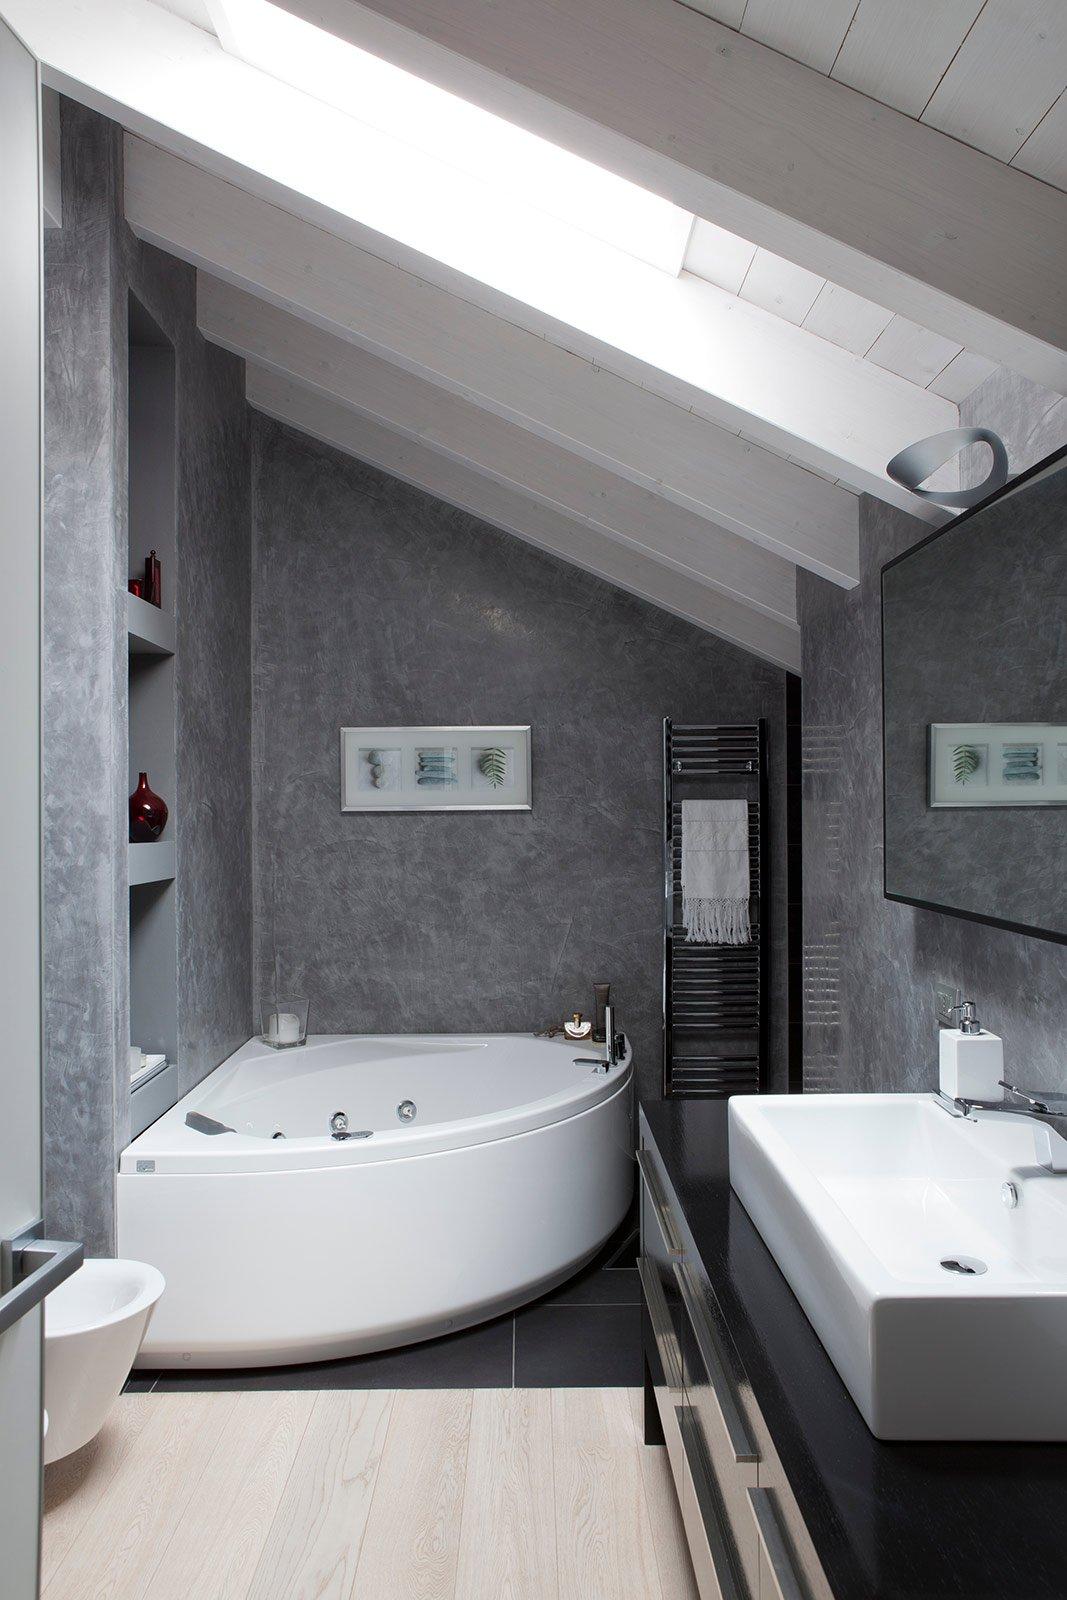 Bianco grigio nero per la casa di gusto contemporaneo - Comporre un bagno ...